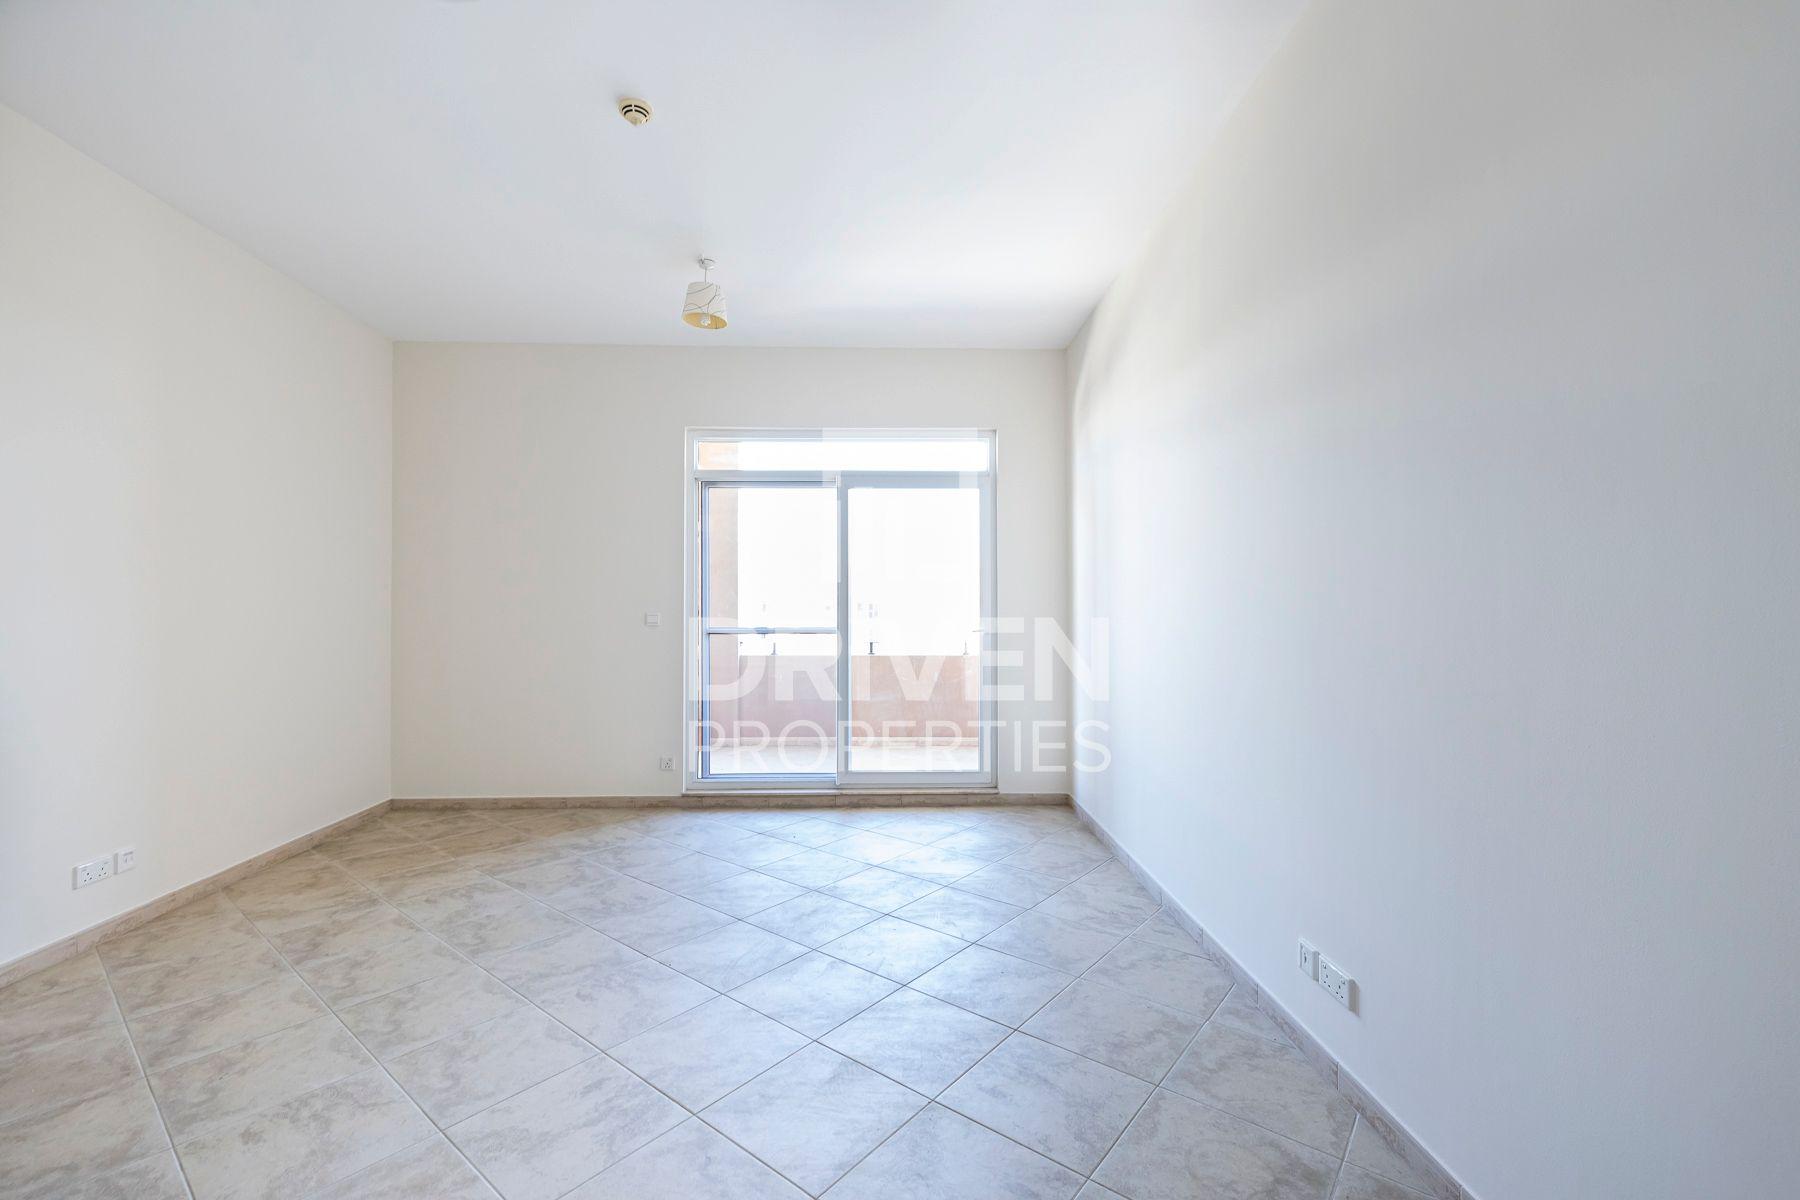 1,485 قدم مربع  شقة - للايجار - مدينة السيارات